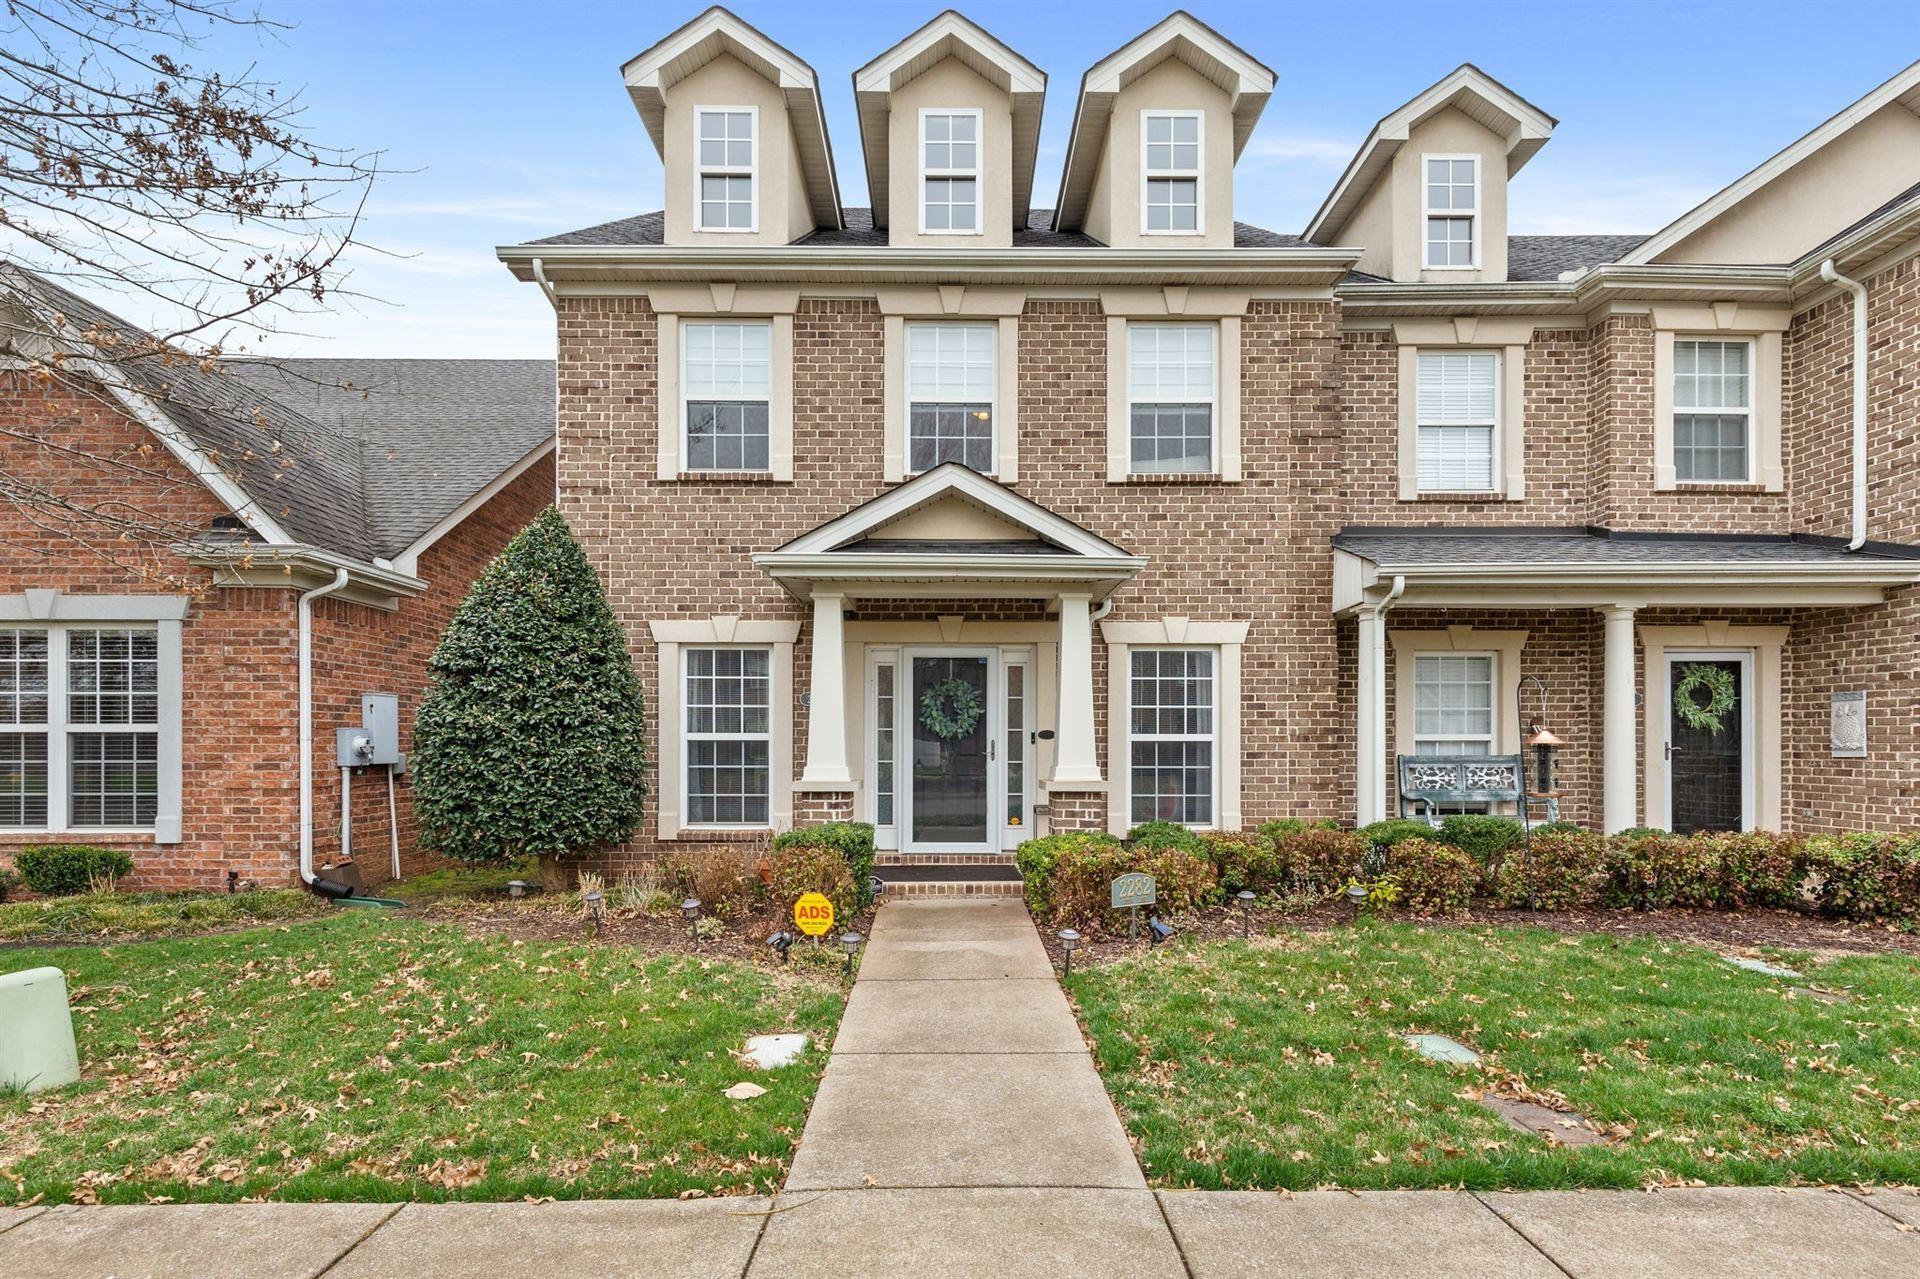 2282 Cason Ln, Murfreesboro, TN 37128 - MLS#: 2243876